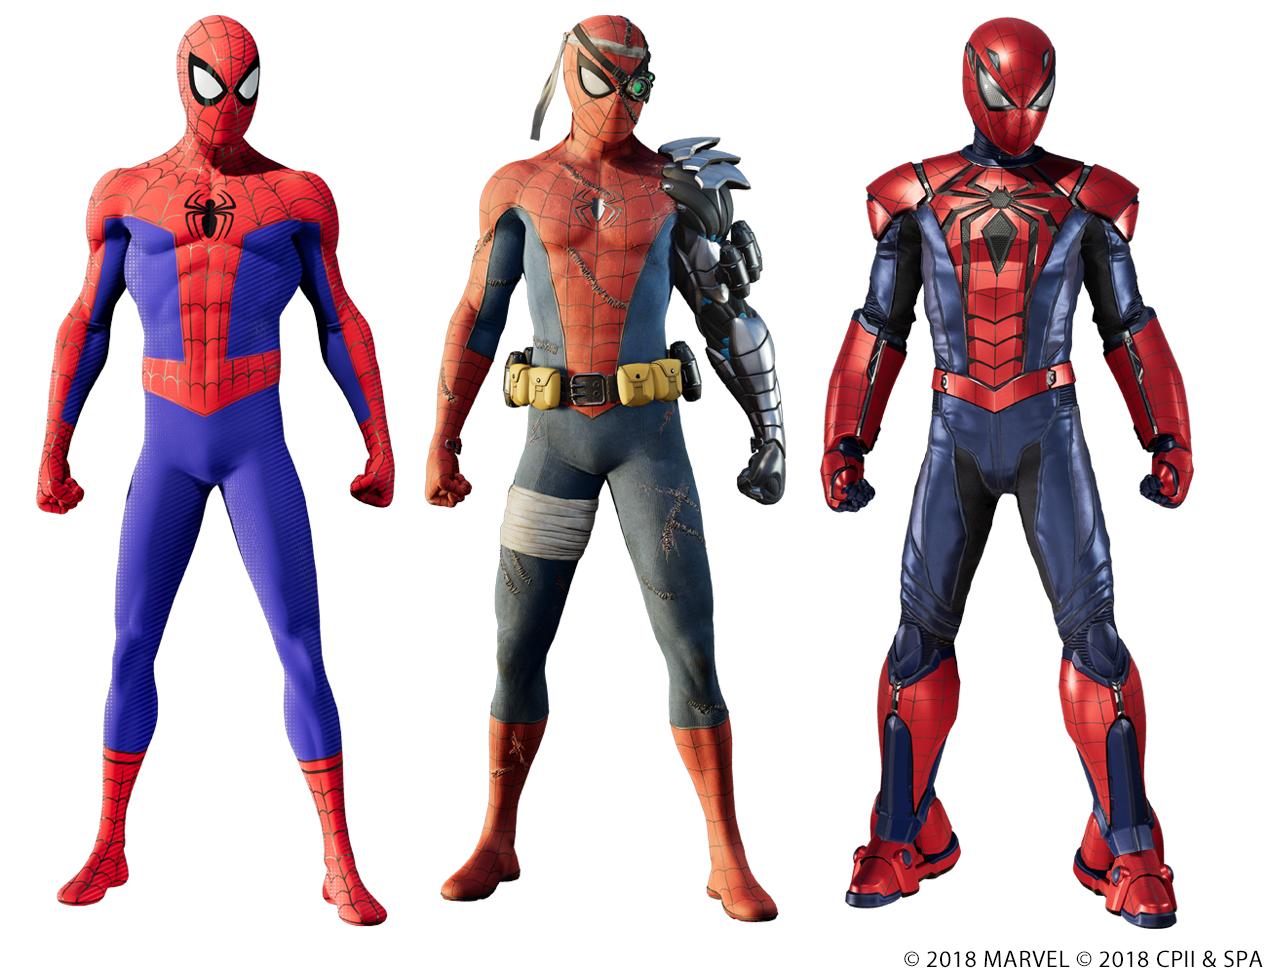 『Marvel's Spider-Man 白銀の系譜』で入手できる3種類のスパイダースーツ